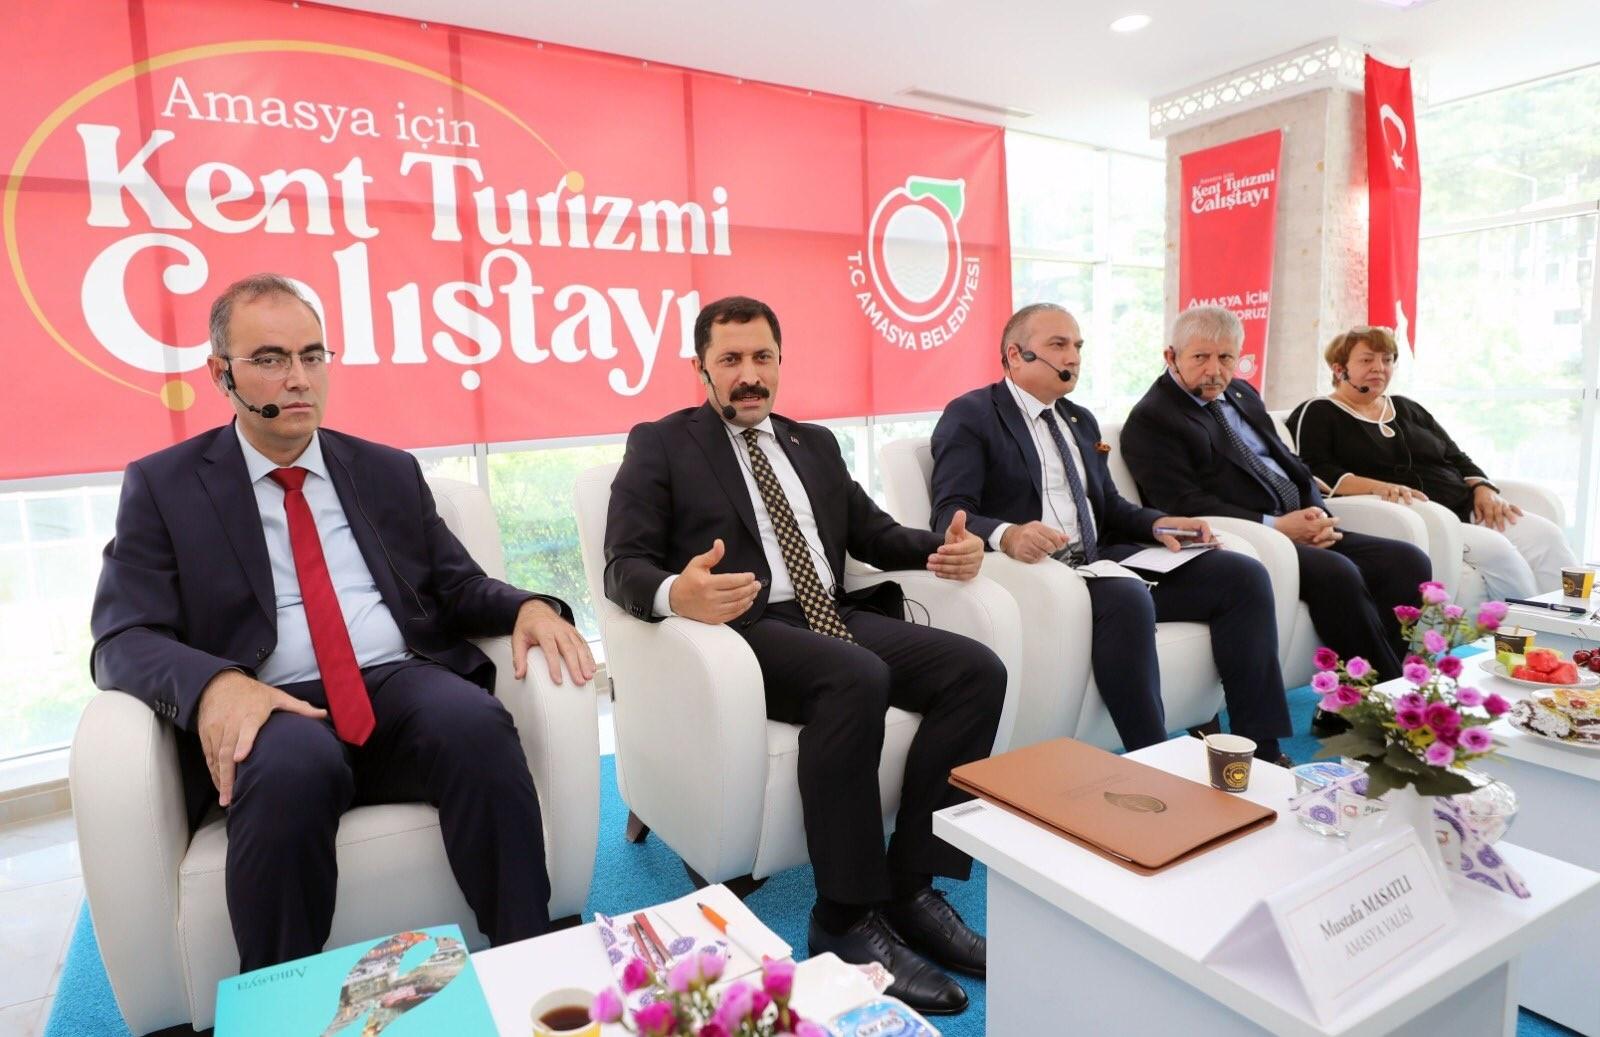 Amasya'da kent turizmi çalıştayı yapıldı